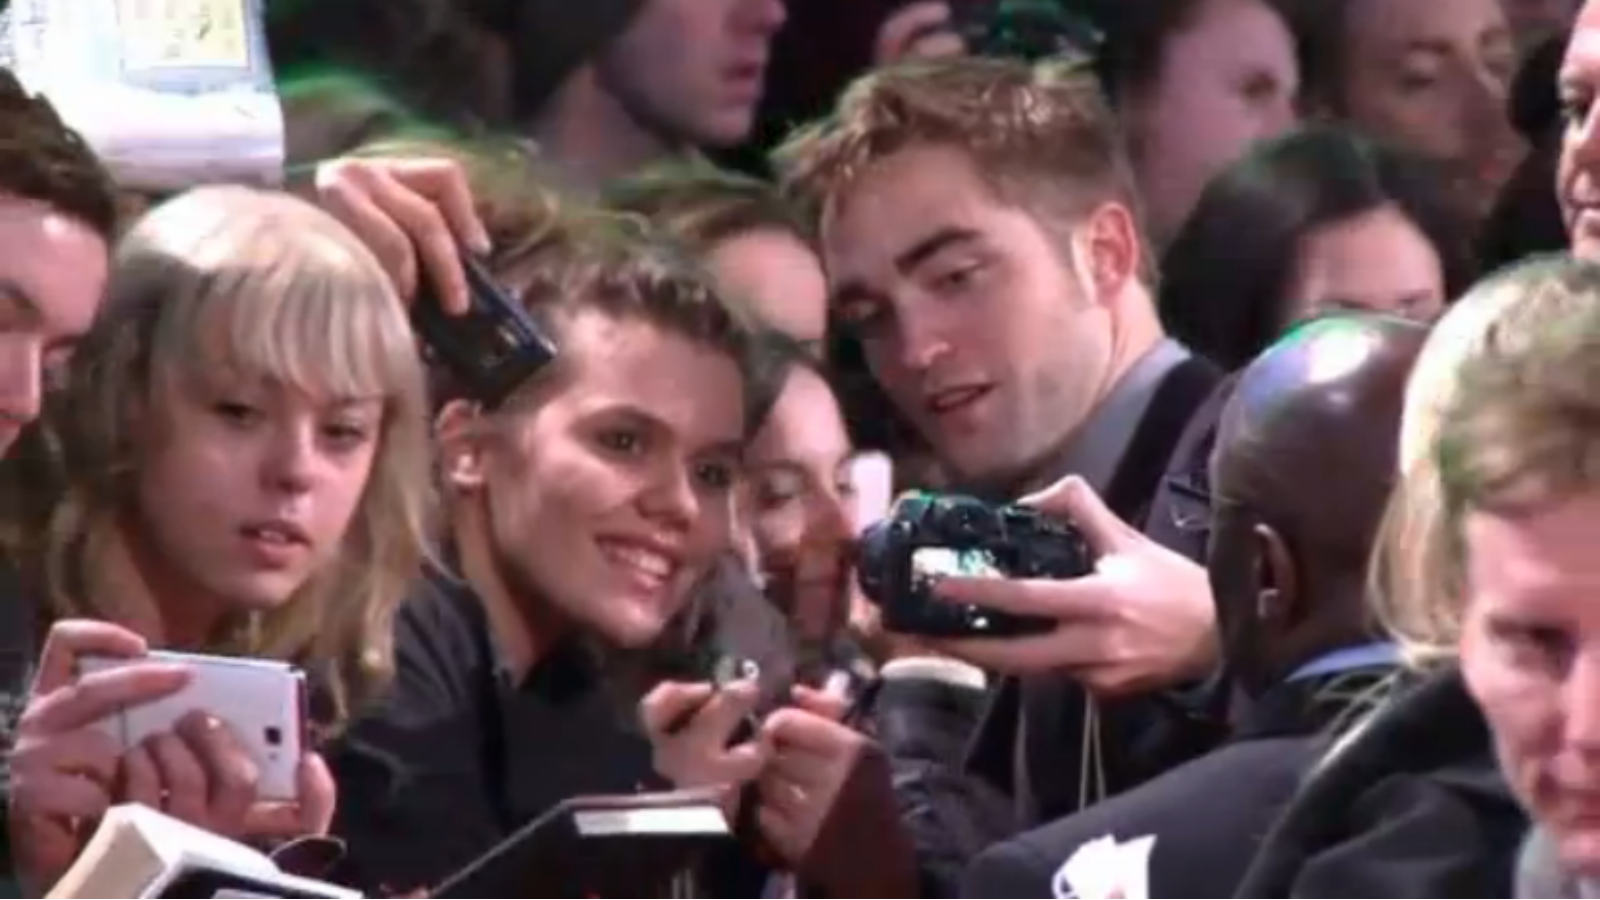 http://3.bp.blogspot.com/--jRiucQP5Yk/UKS3HyQQroI/AAAAAAAASxQ/zEnUxZUgvUM/s1600/Kristen+Stewart,+Robert+Pattinson+And+Taylor+Lautner+Attend+The+Twilight+Premiere+In+London+3.png